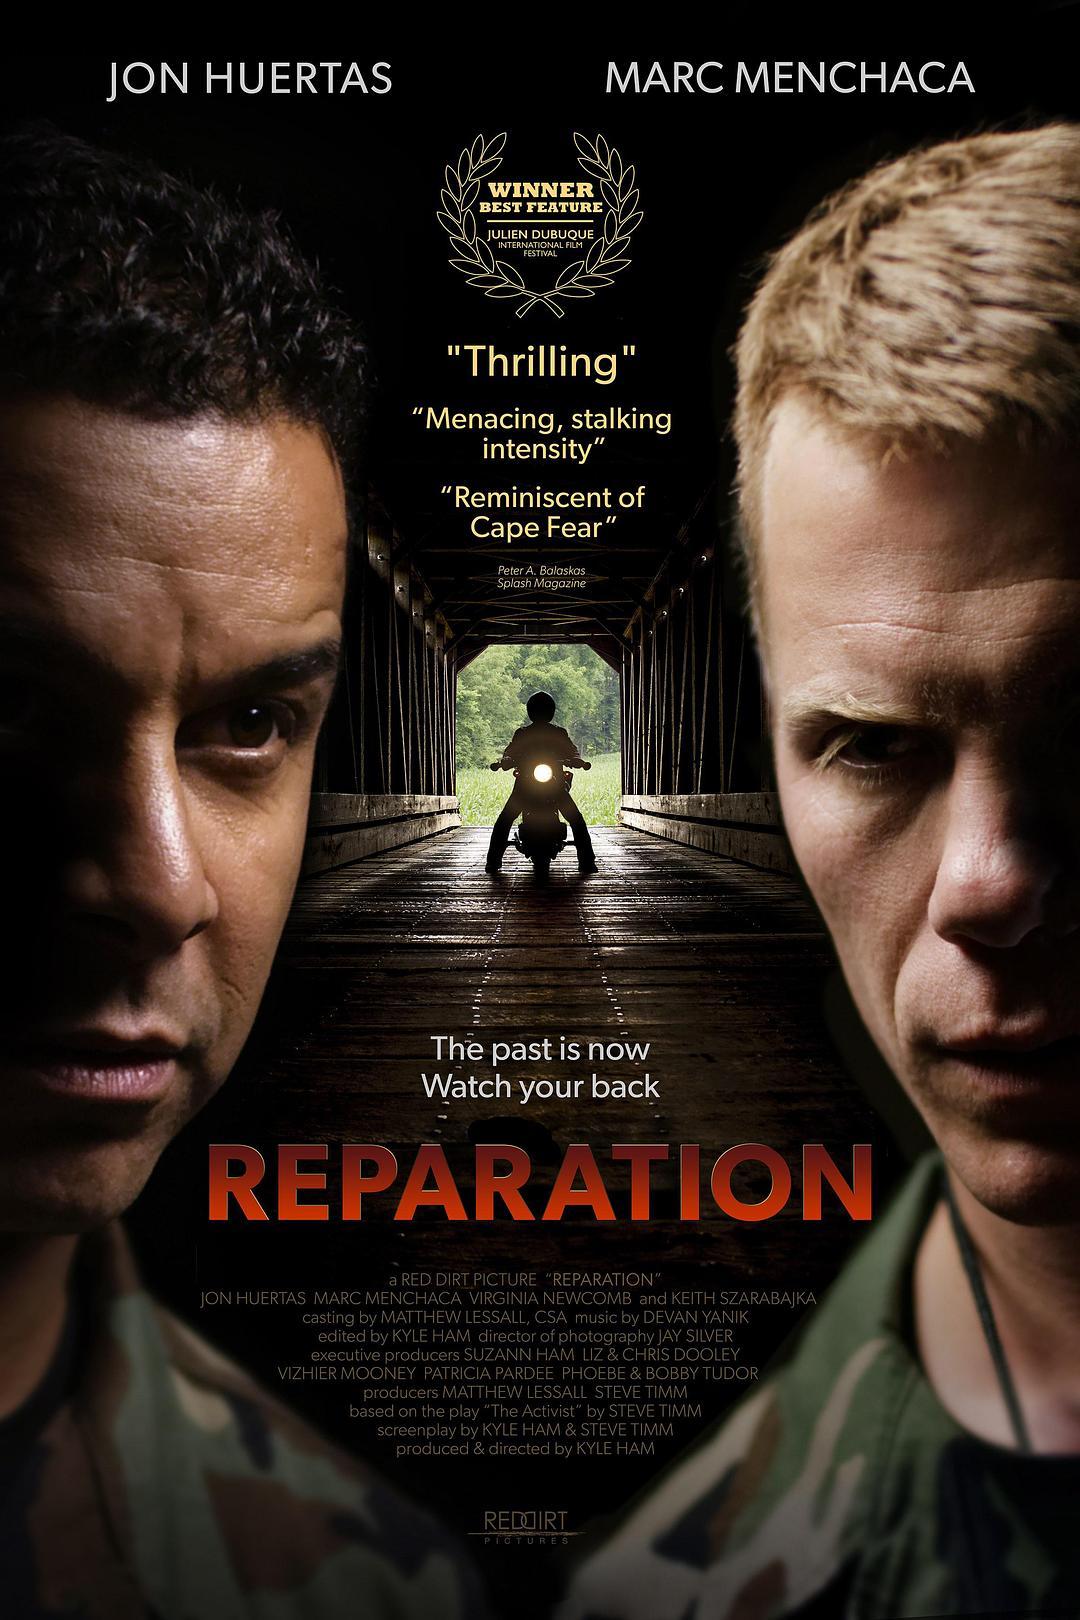 赎罪 Reparation